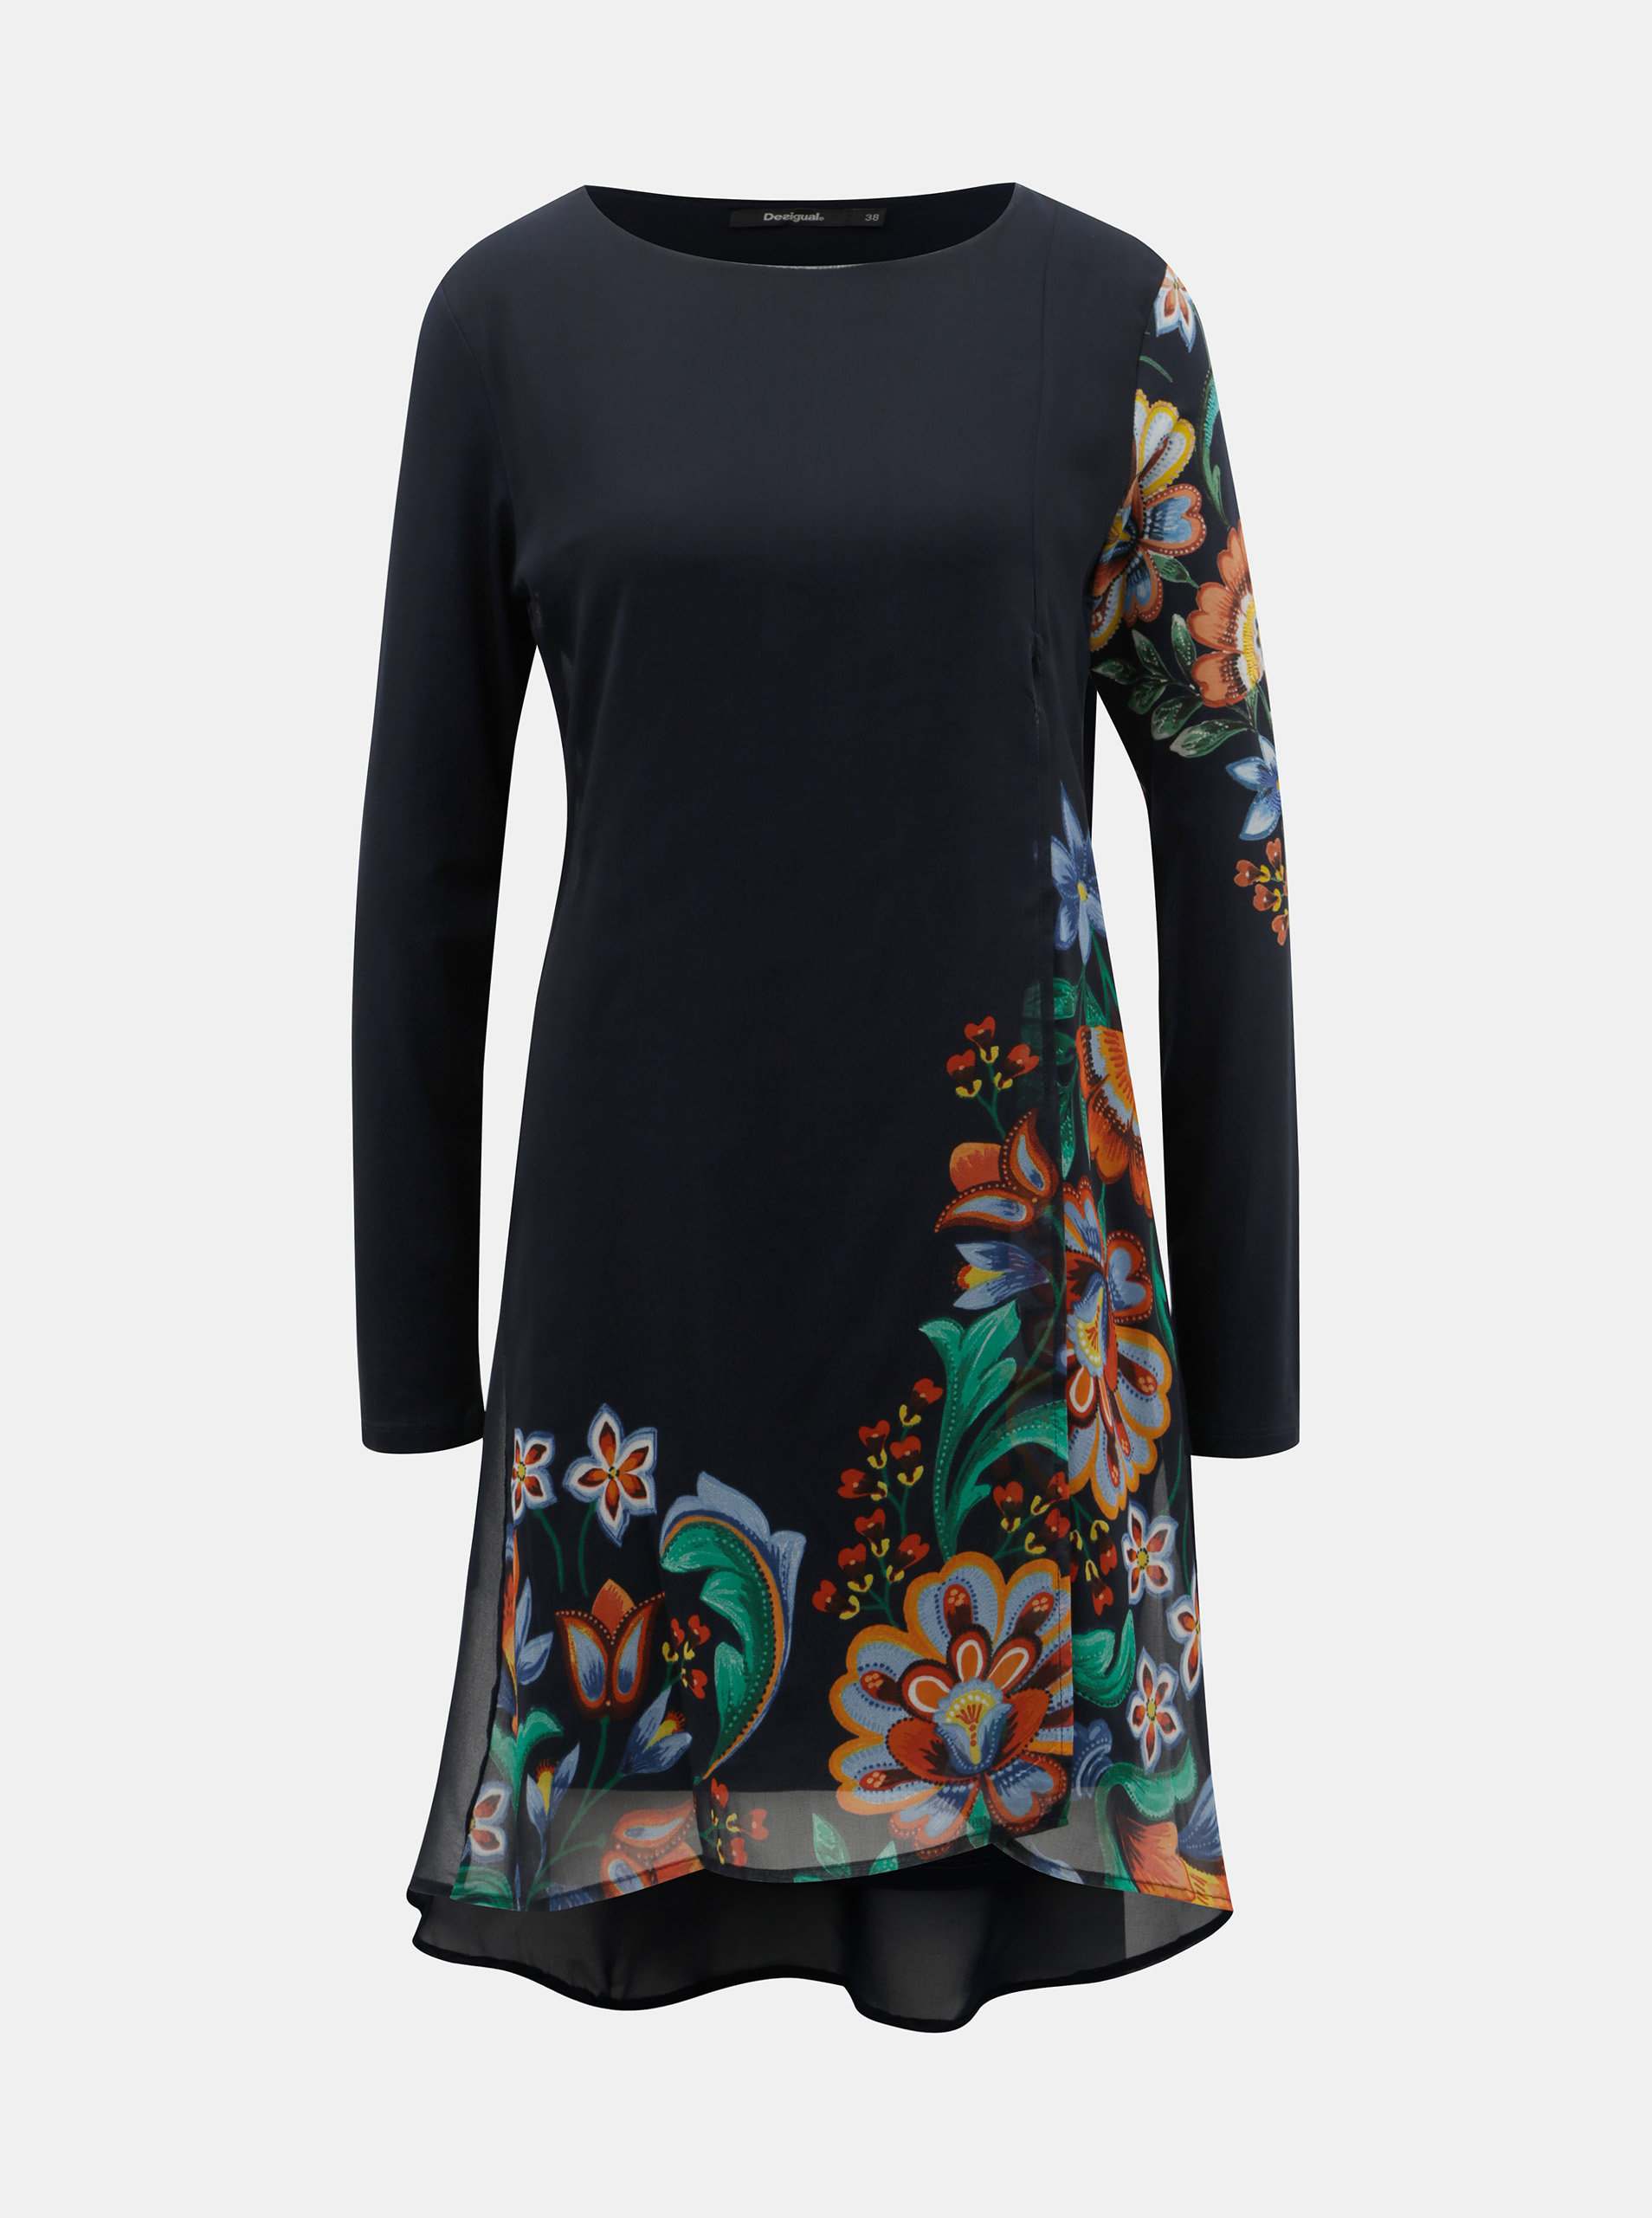 88796d36a359 Tmavě modré šaty s motivem květin Desigual Utha ...